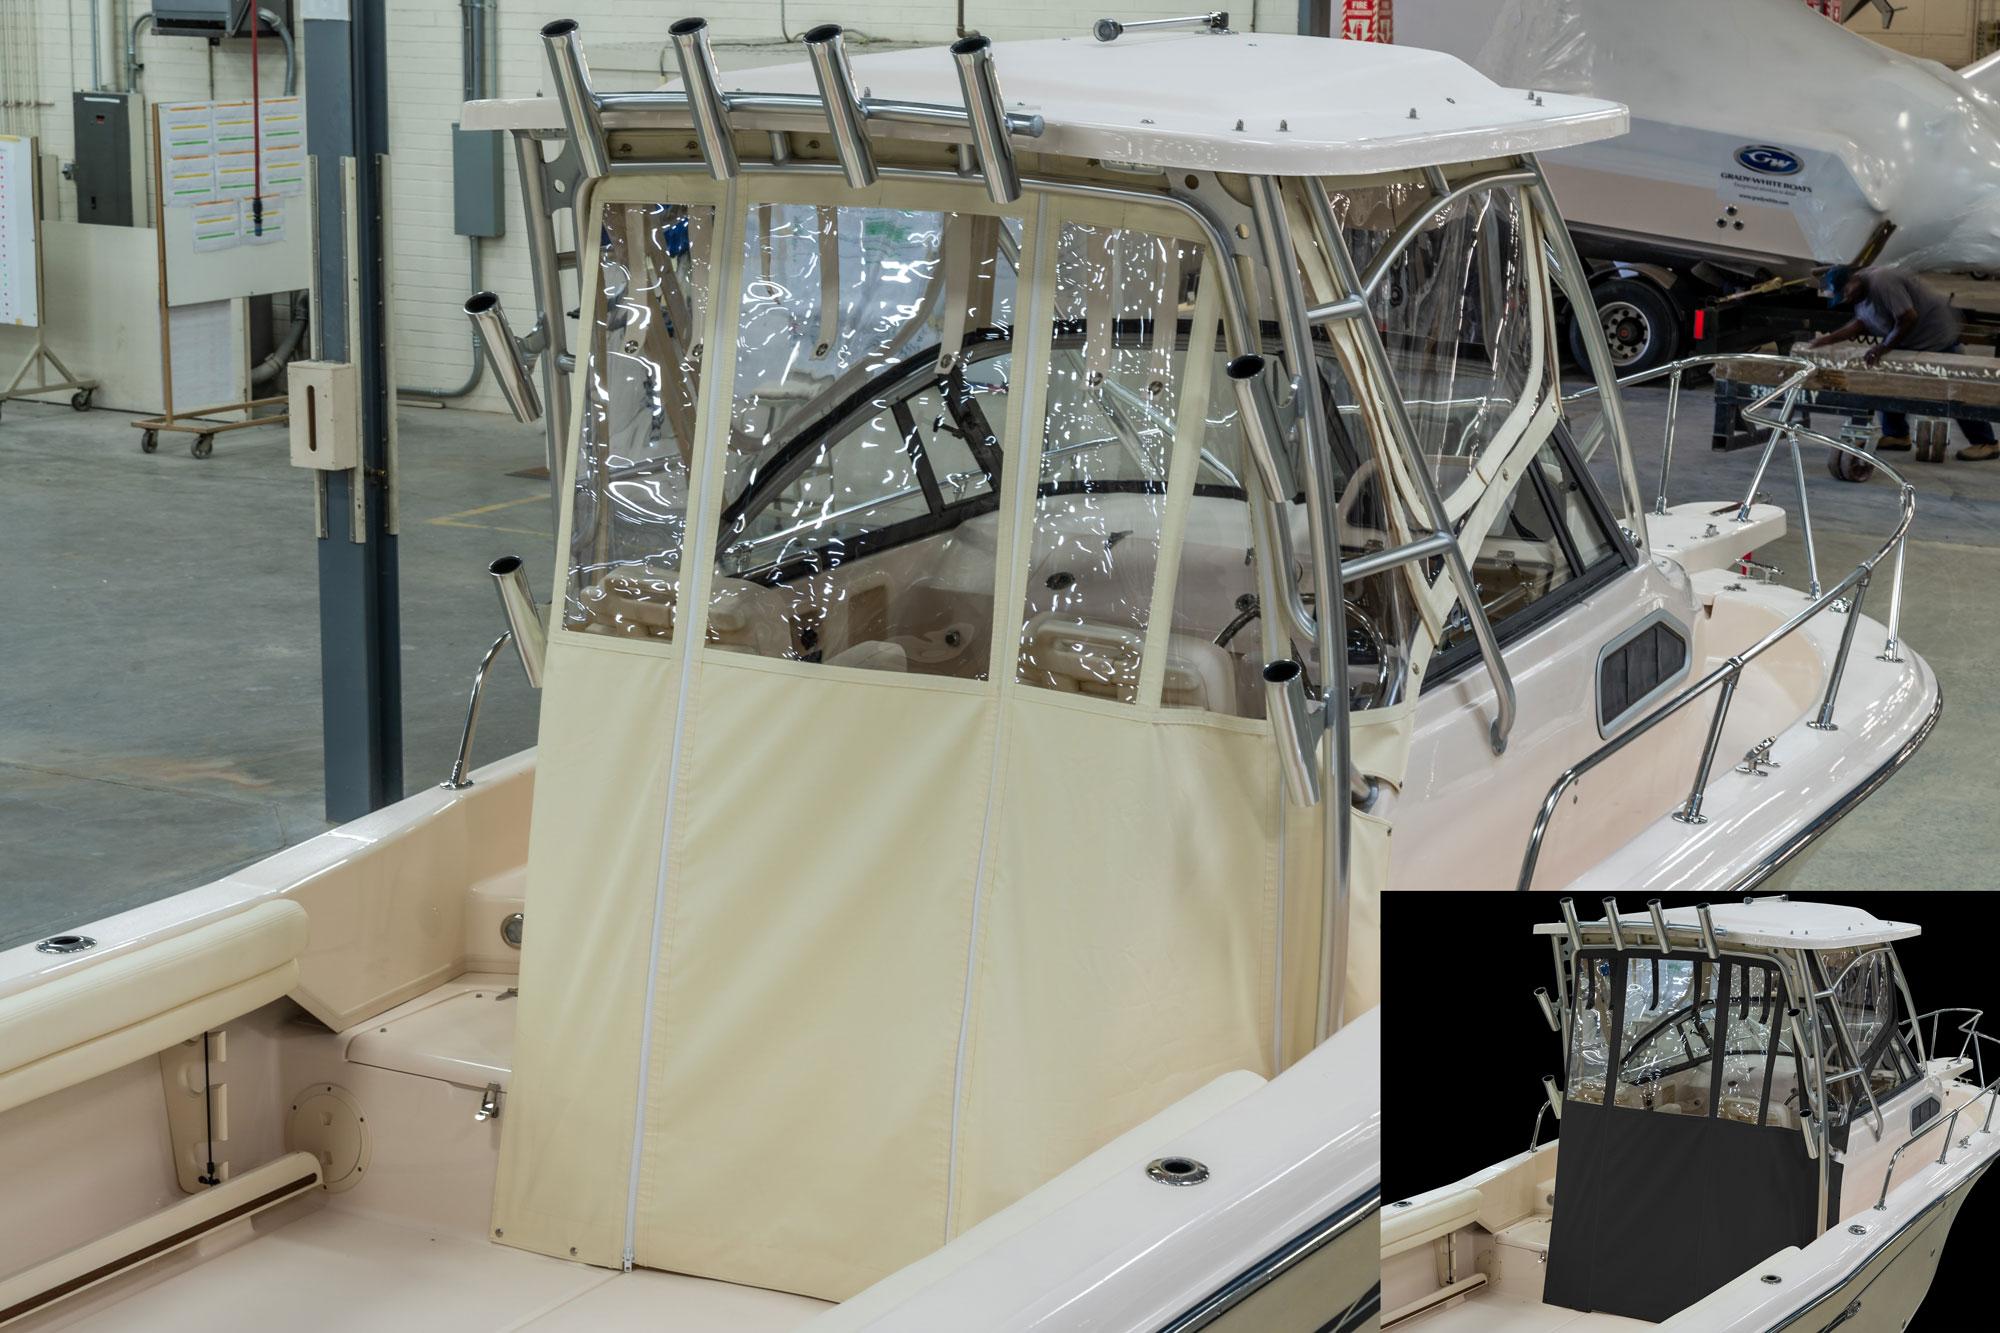 Grady-White Seafarer 228 22 Walkaround Cabin Boat Drop Curtain